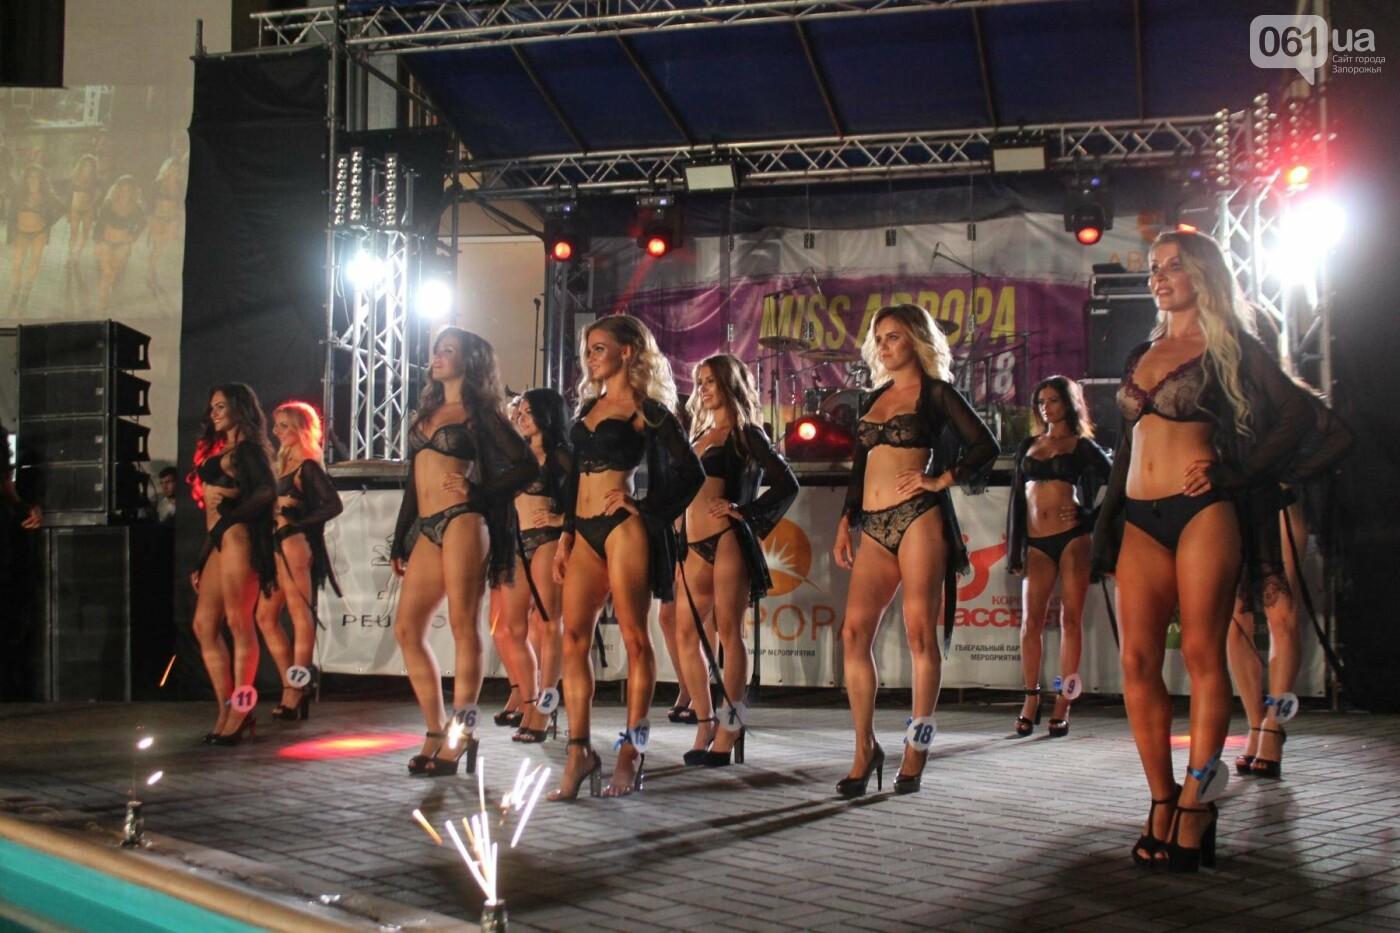 «Miss AVRORA Summer 2018»: в Запорожье на конкурсе красоты выбрали самую красивую девушку, – ФОТОРЕПОРТАЖ, фото-20